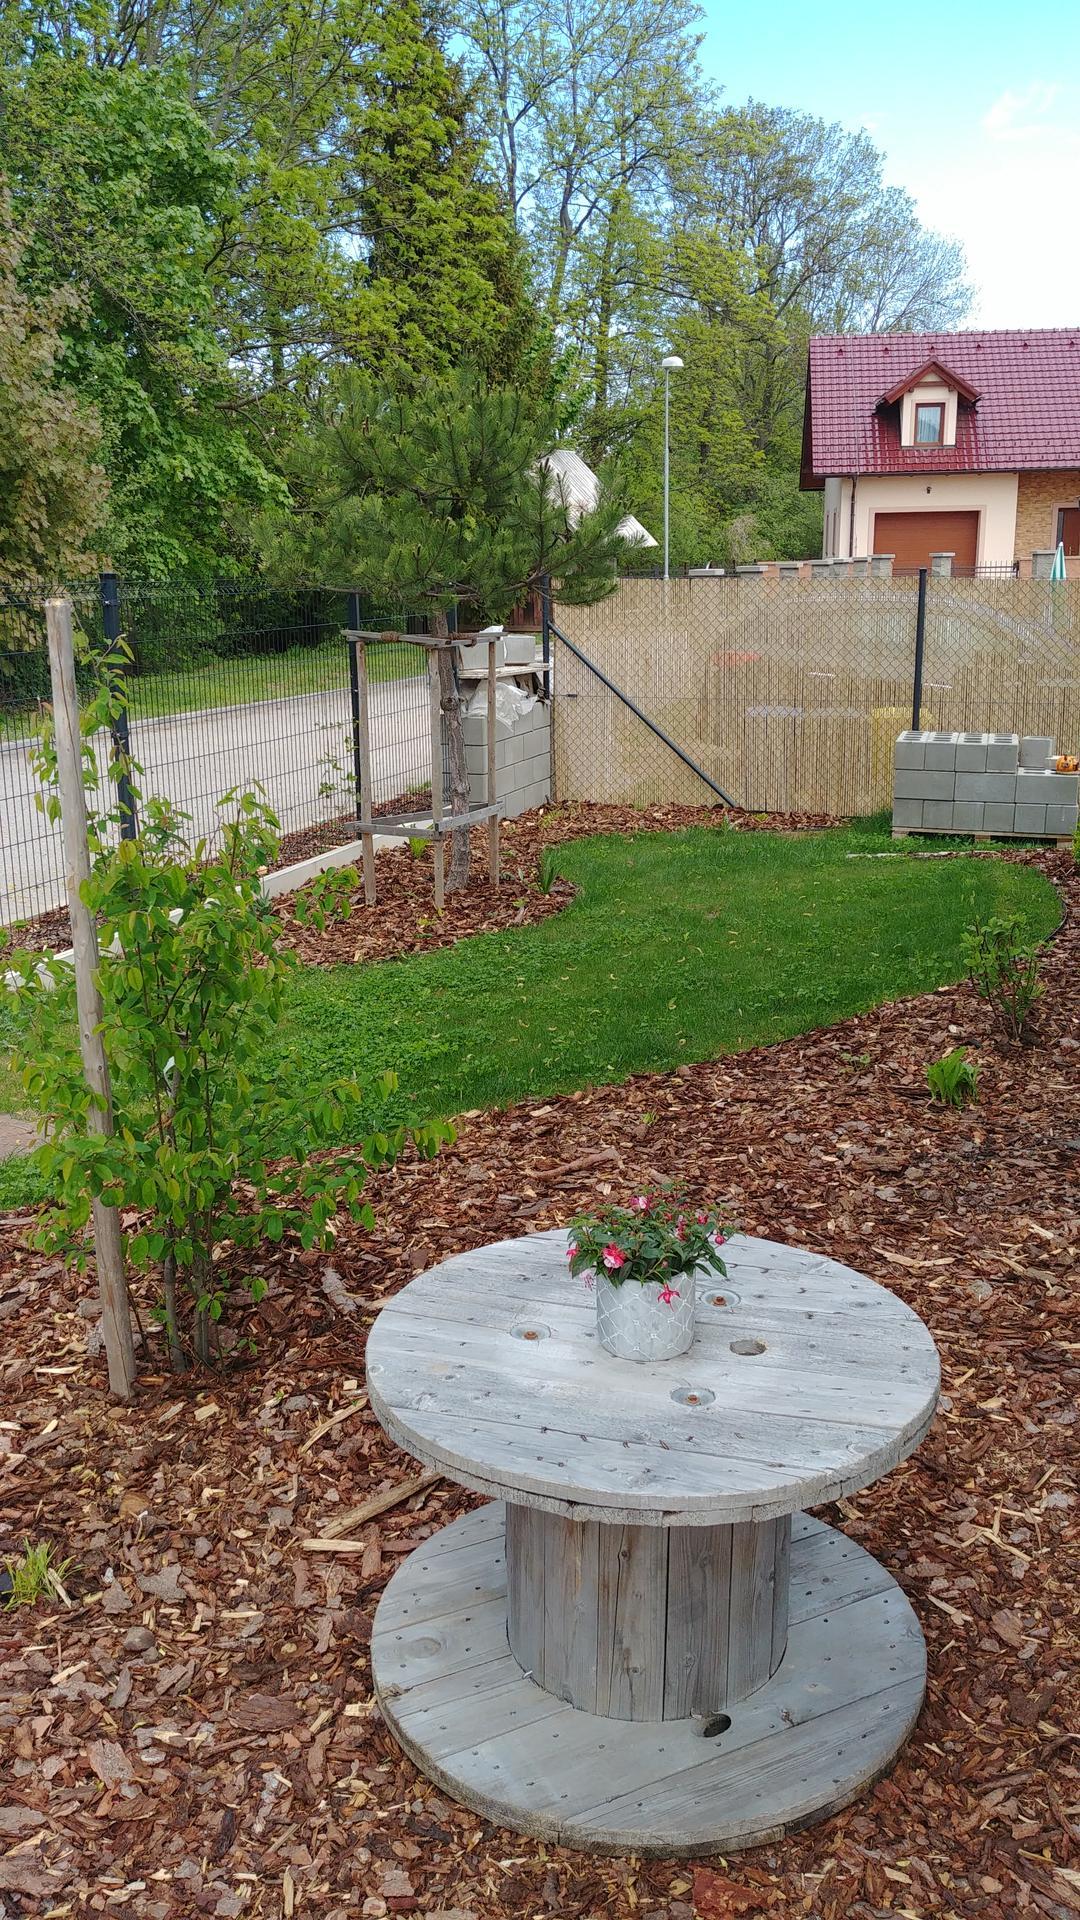 Z pozemku zahradkou;) - Obrázek č. 24